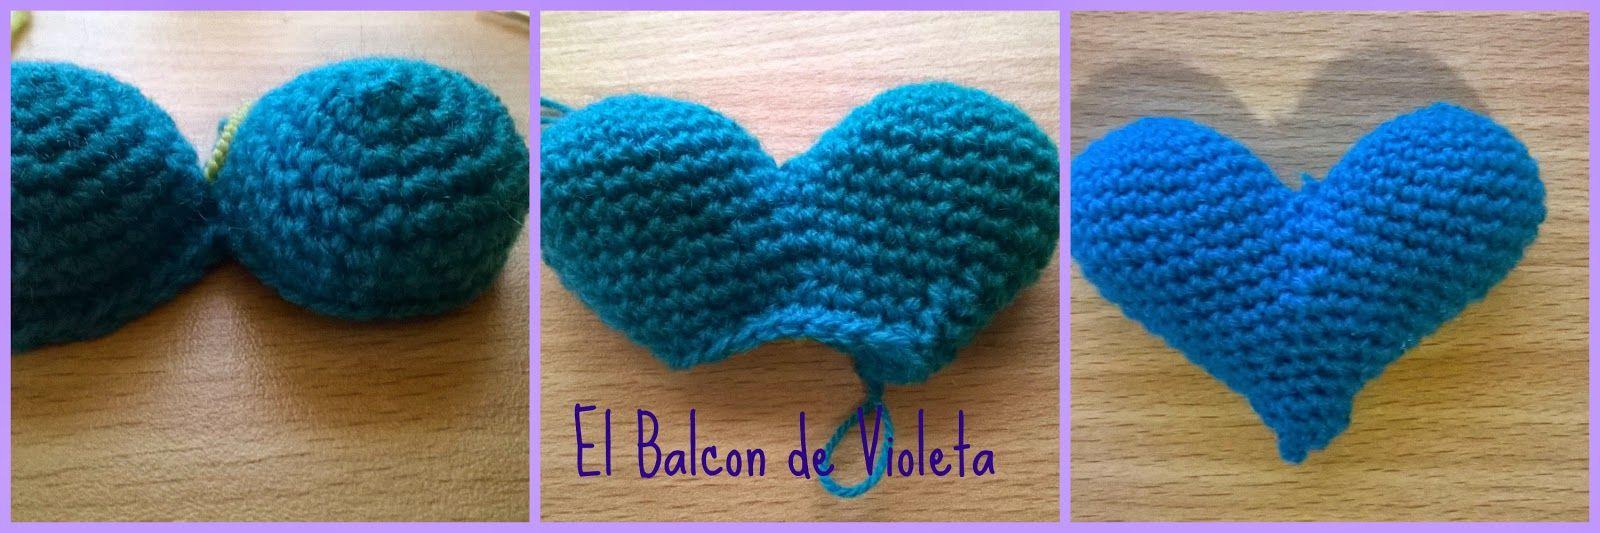 Como tejer paso a paso un corazon relleno al crochet...Patrones ...